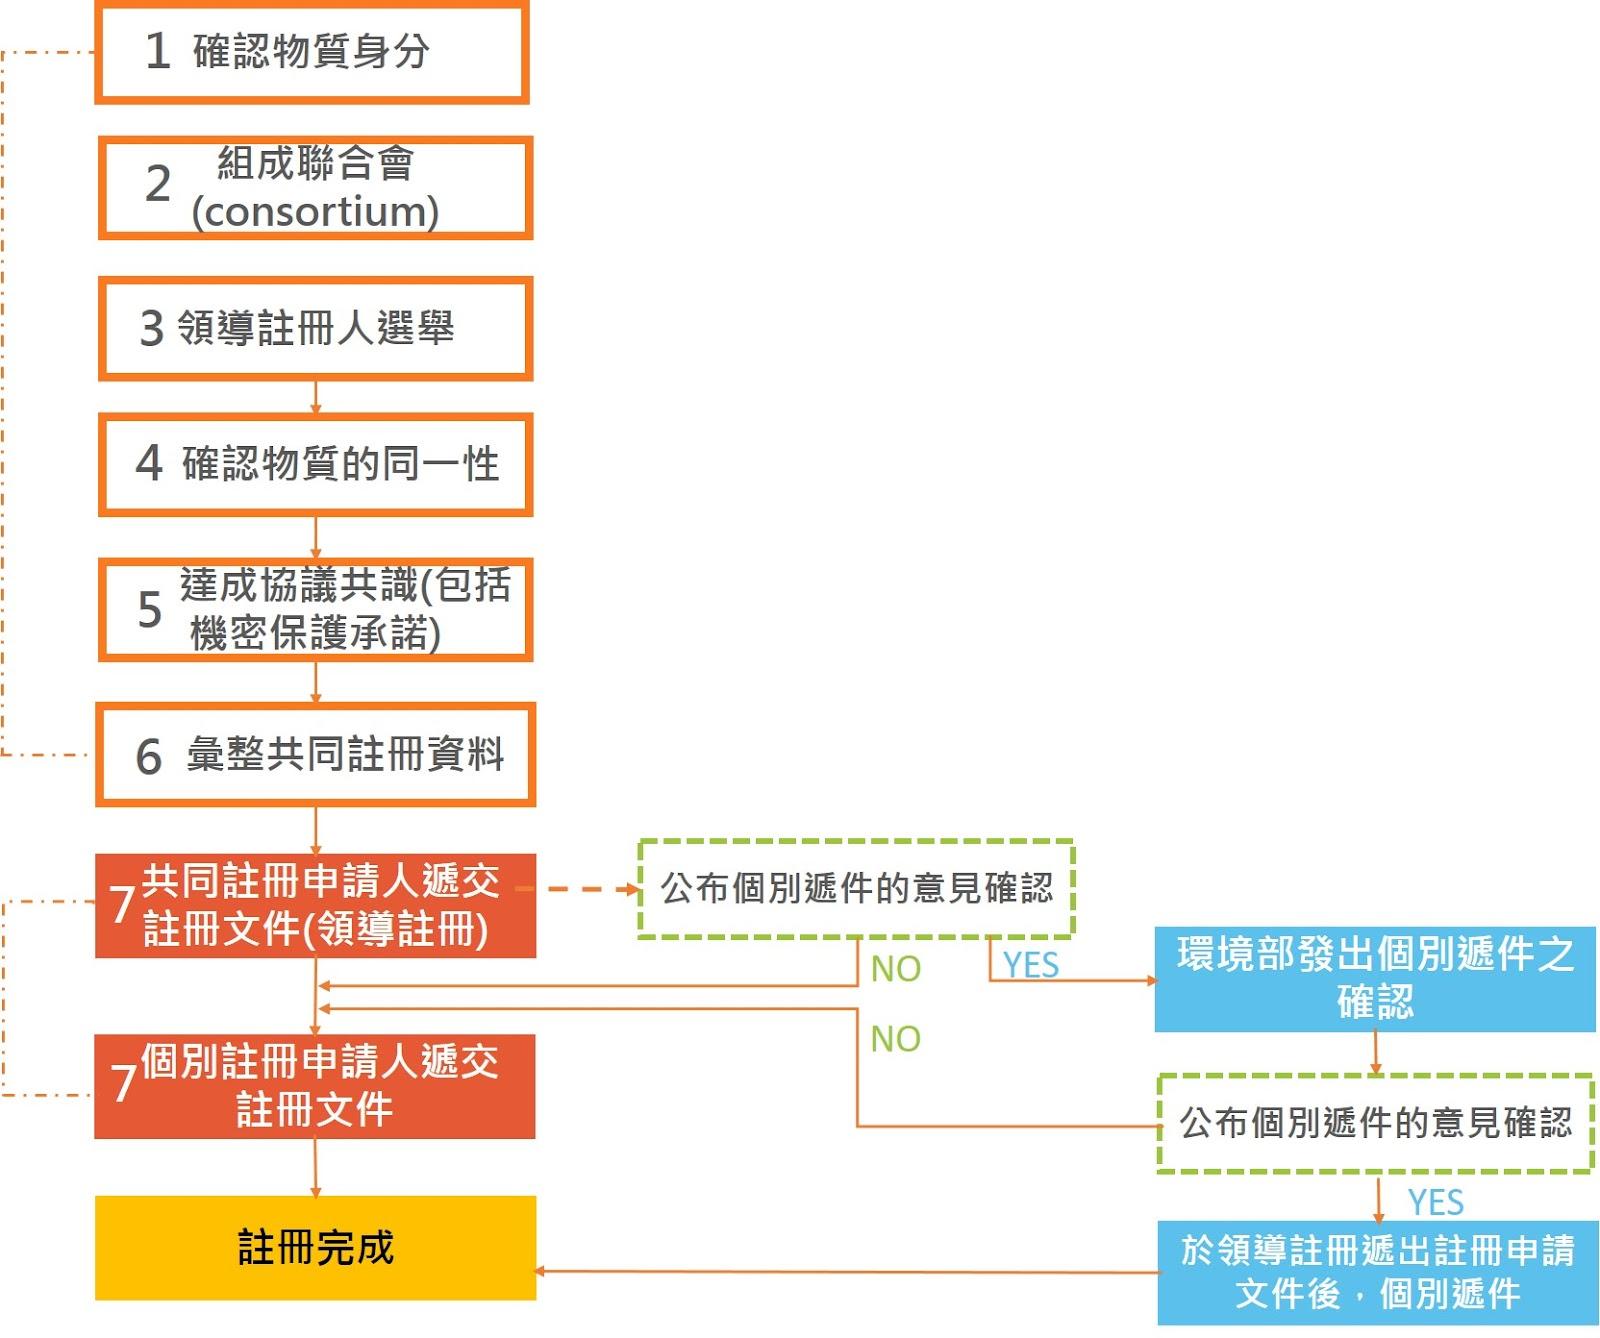 共同註冊流程彙整